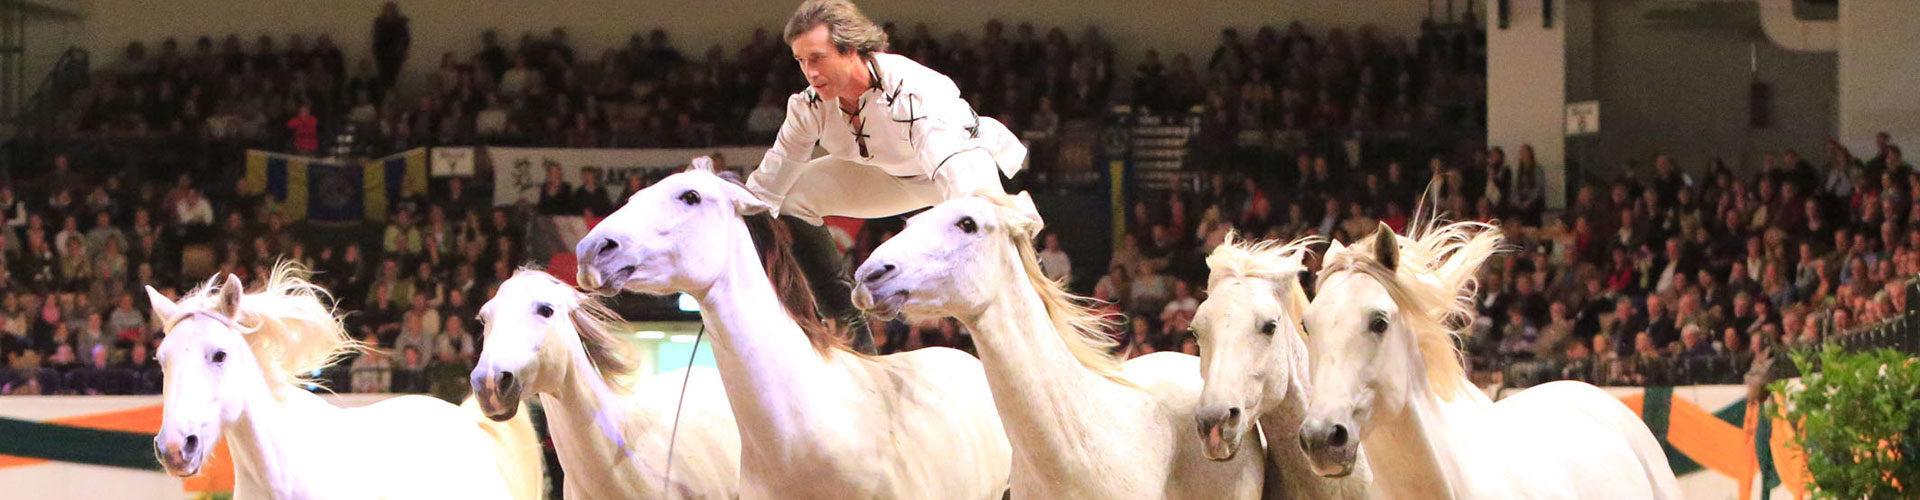 Pressefoto Tammo Ernst Trakehner Pferdezucht Pferdesport